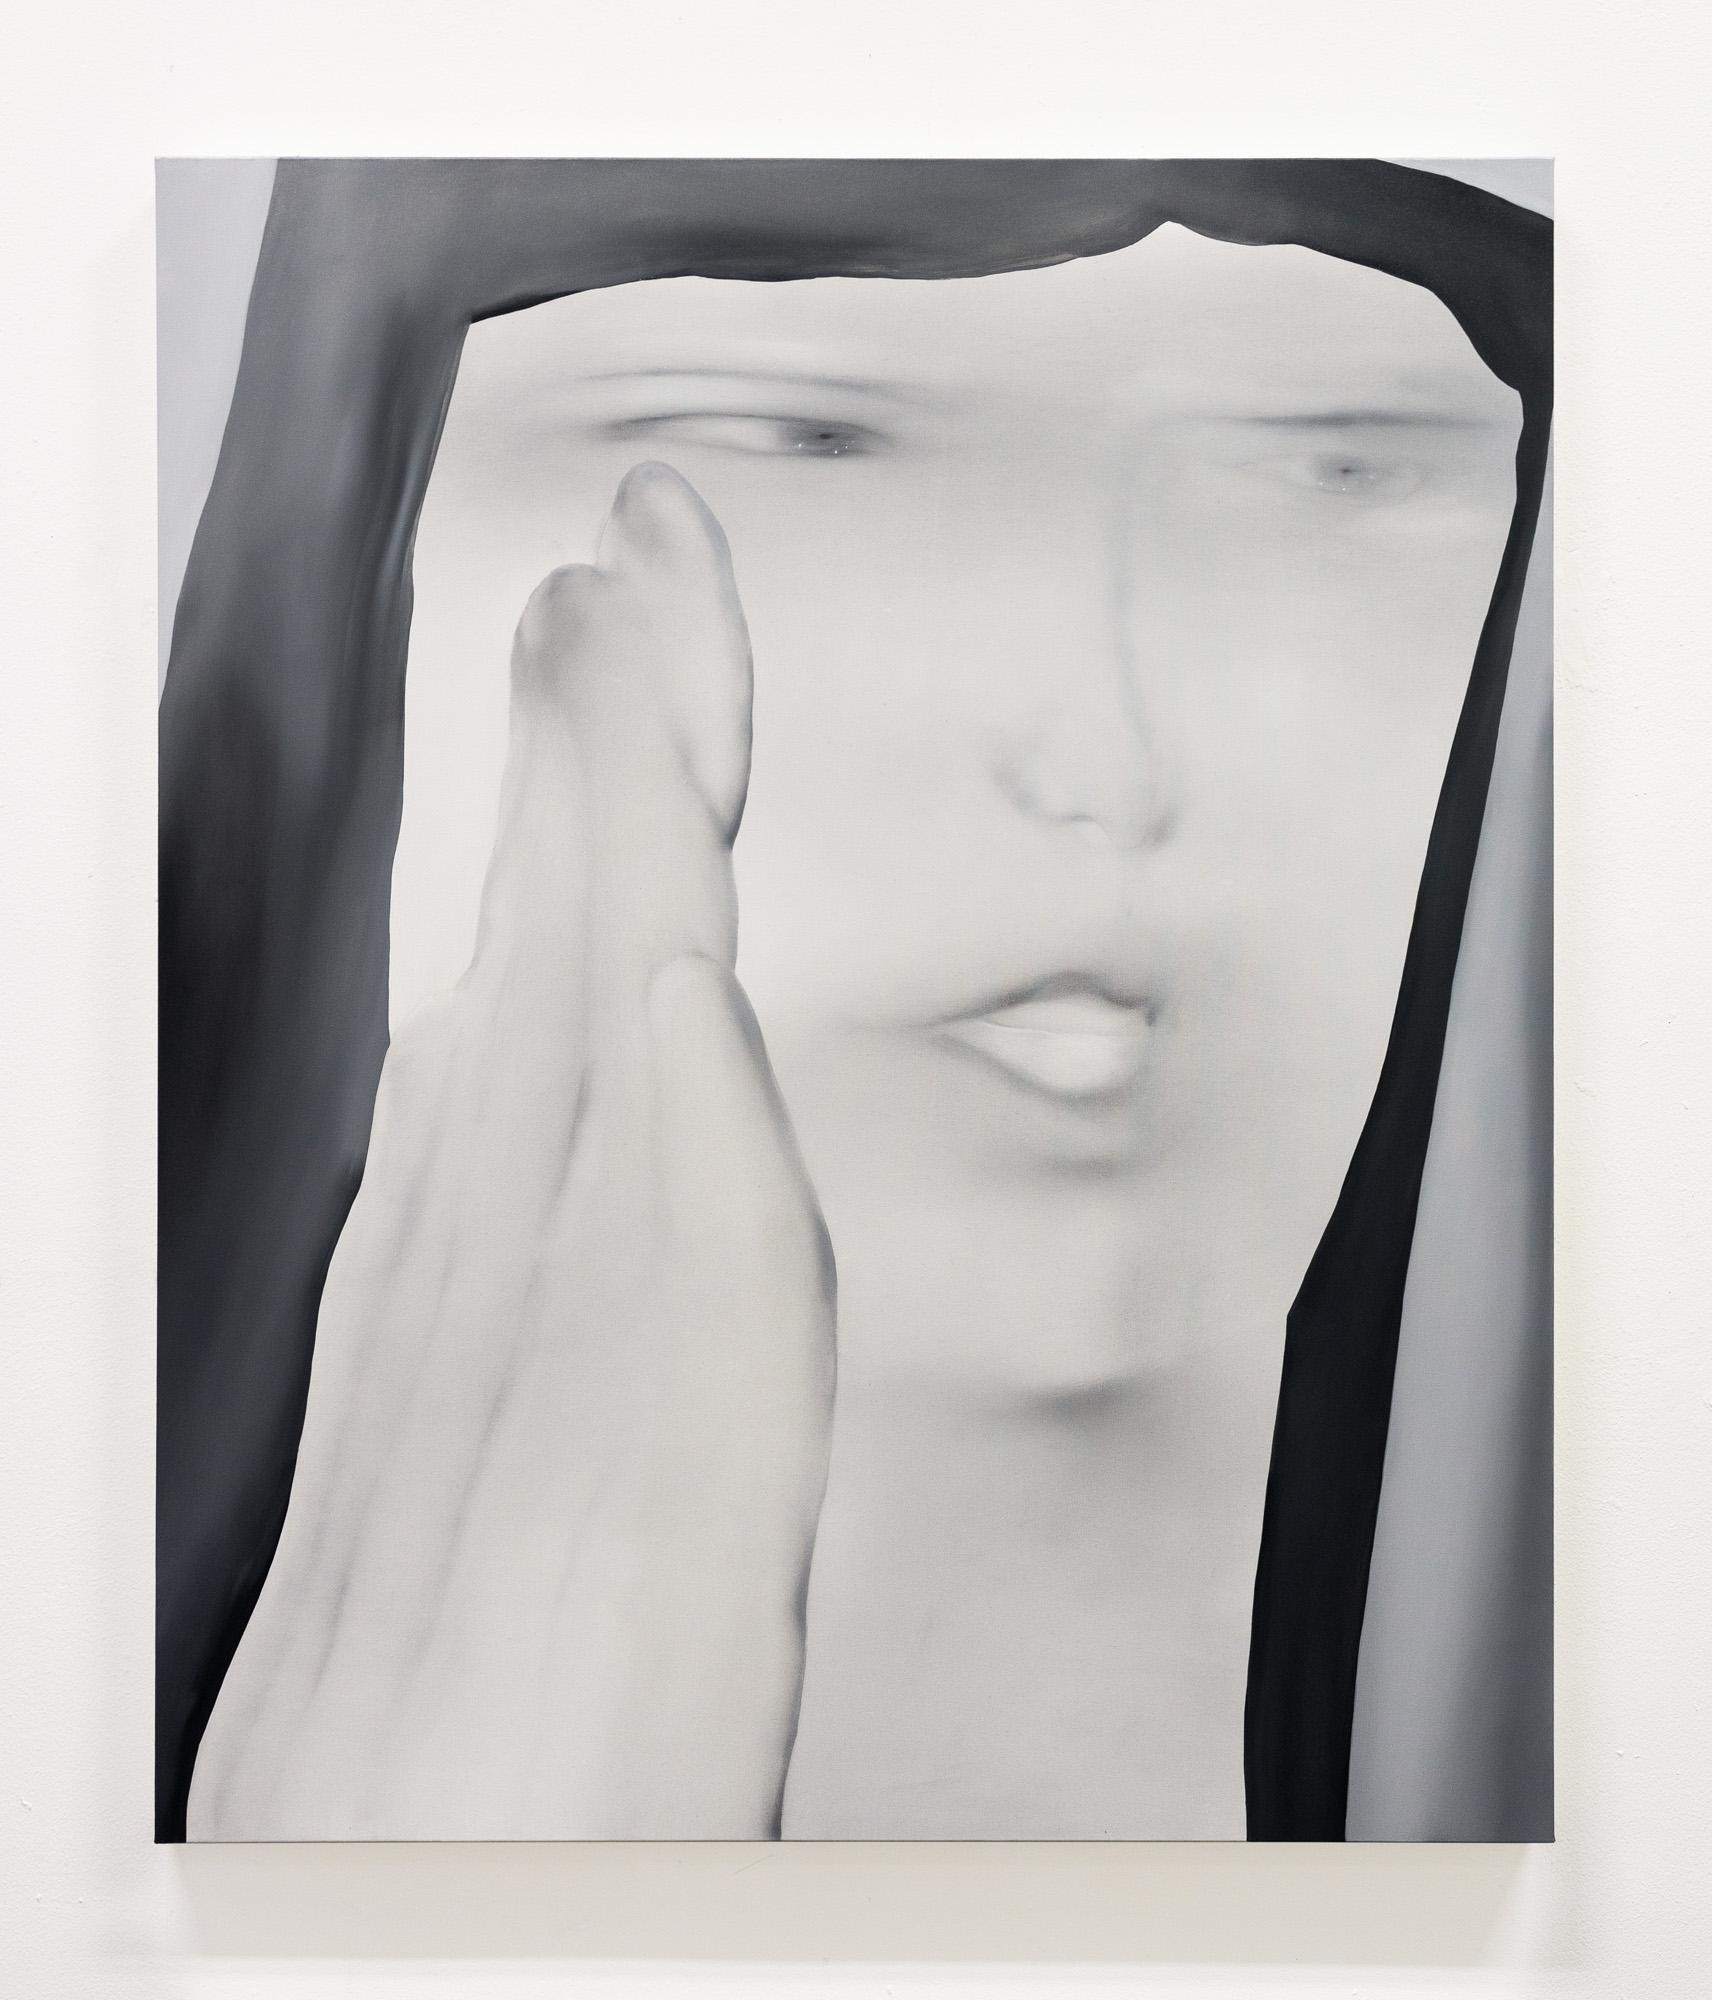 Jingze Du. <em>Secrets</em>, 2020. Oil on linen, 47 1/4 x 39 3/8 inches (120 x 100 cm)